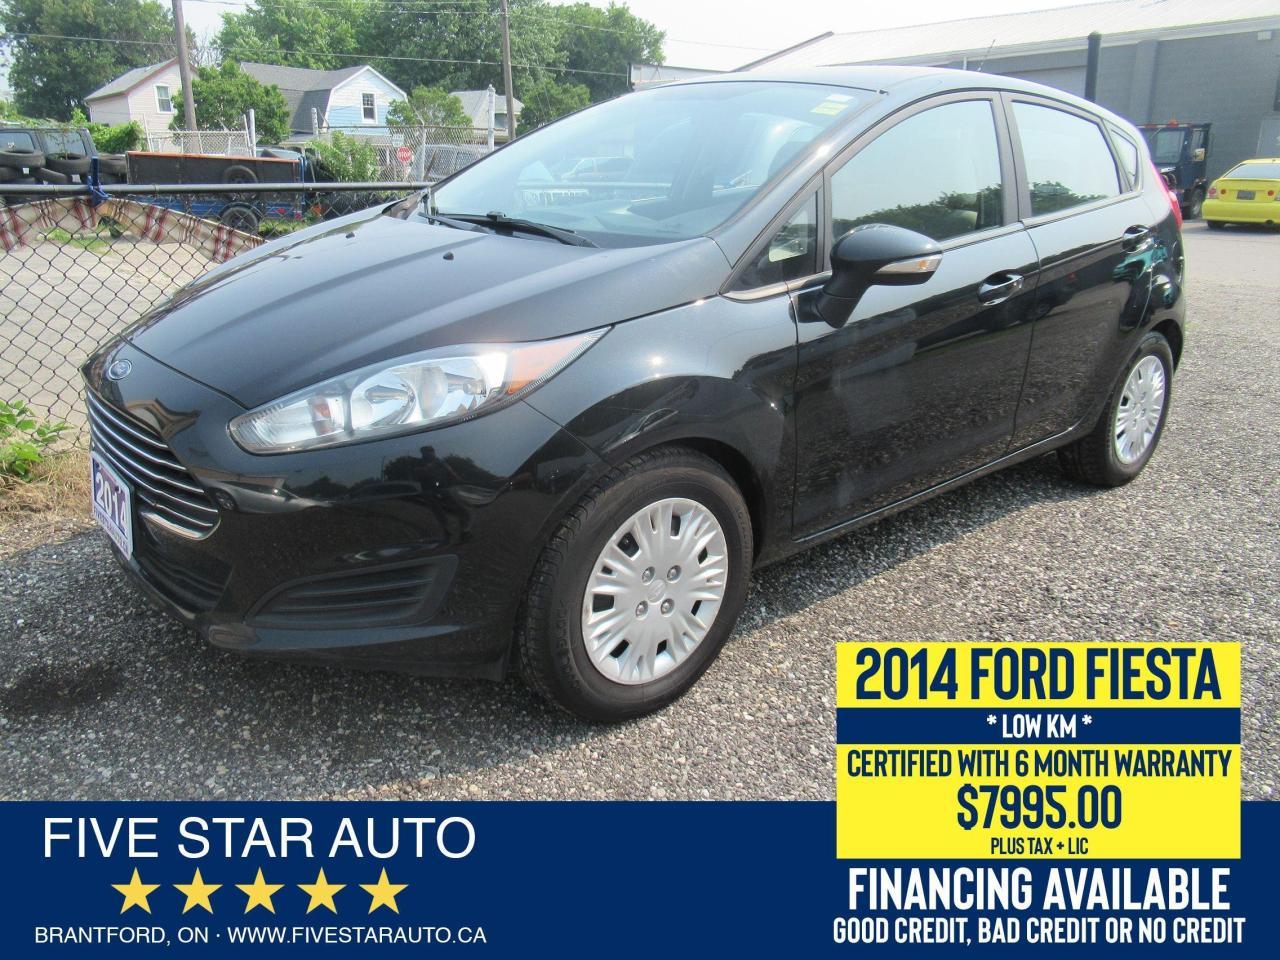 2014 Ford Fiesta SE - Certified w/ 6 Month Warranty